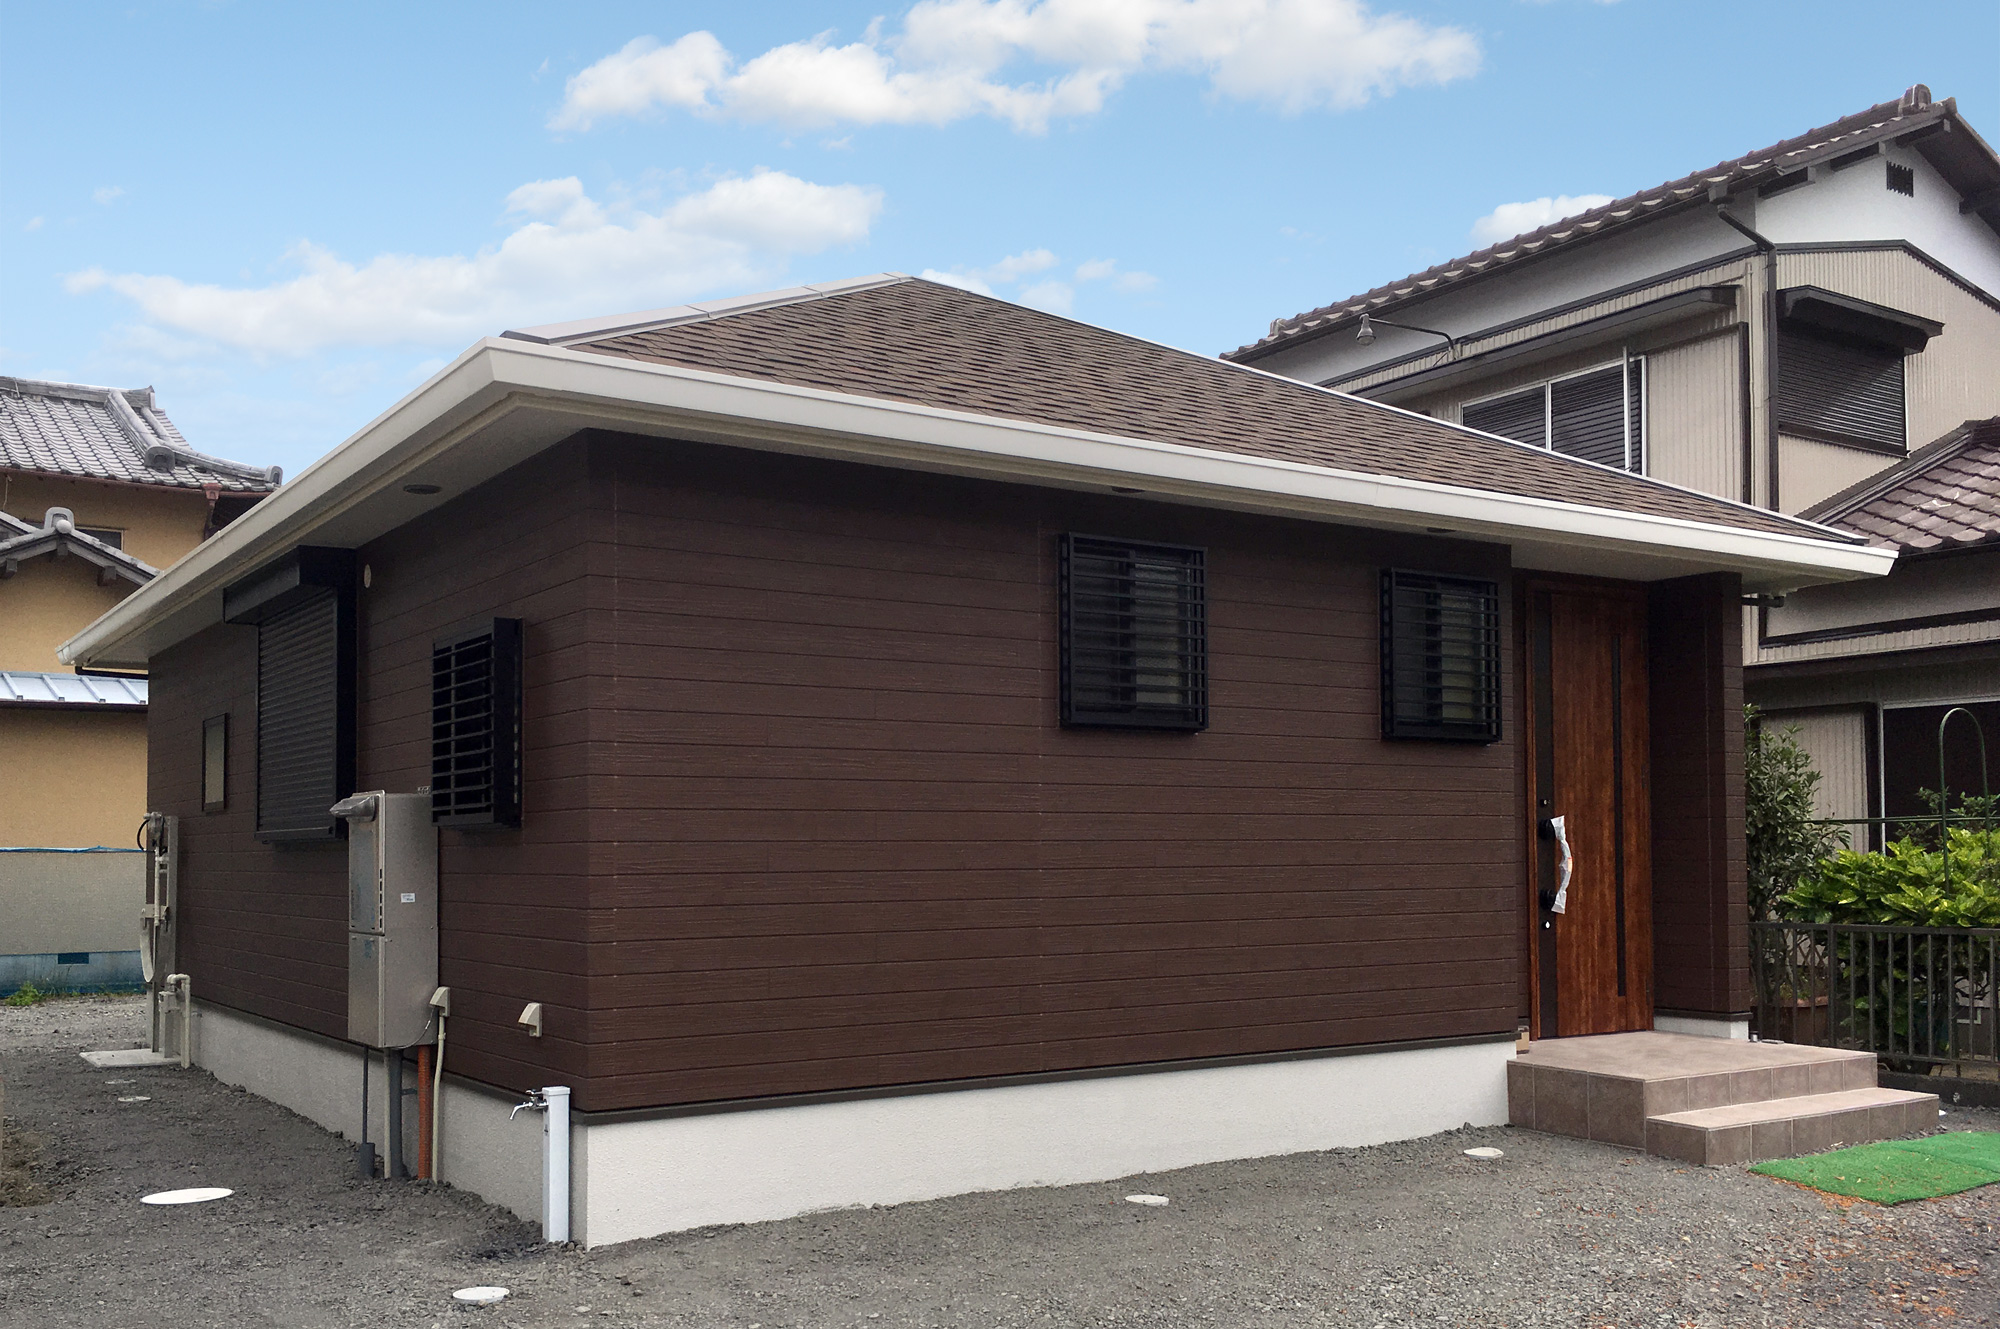 一人暮らしのための1LDK平屋住宅